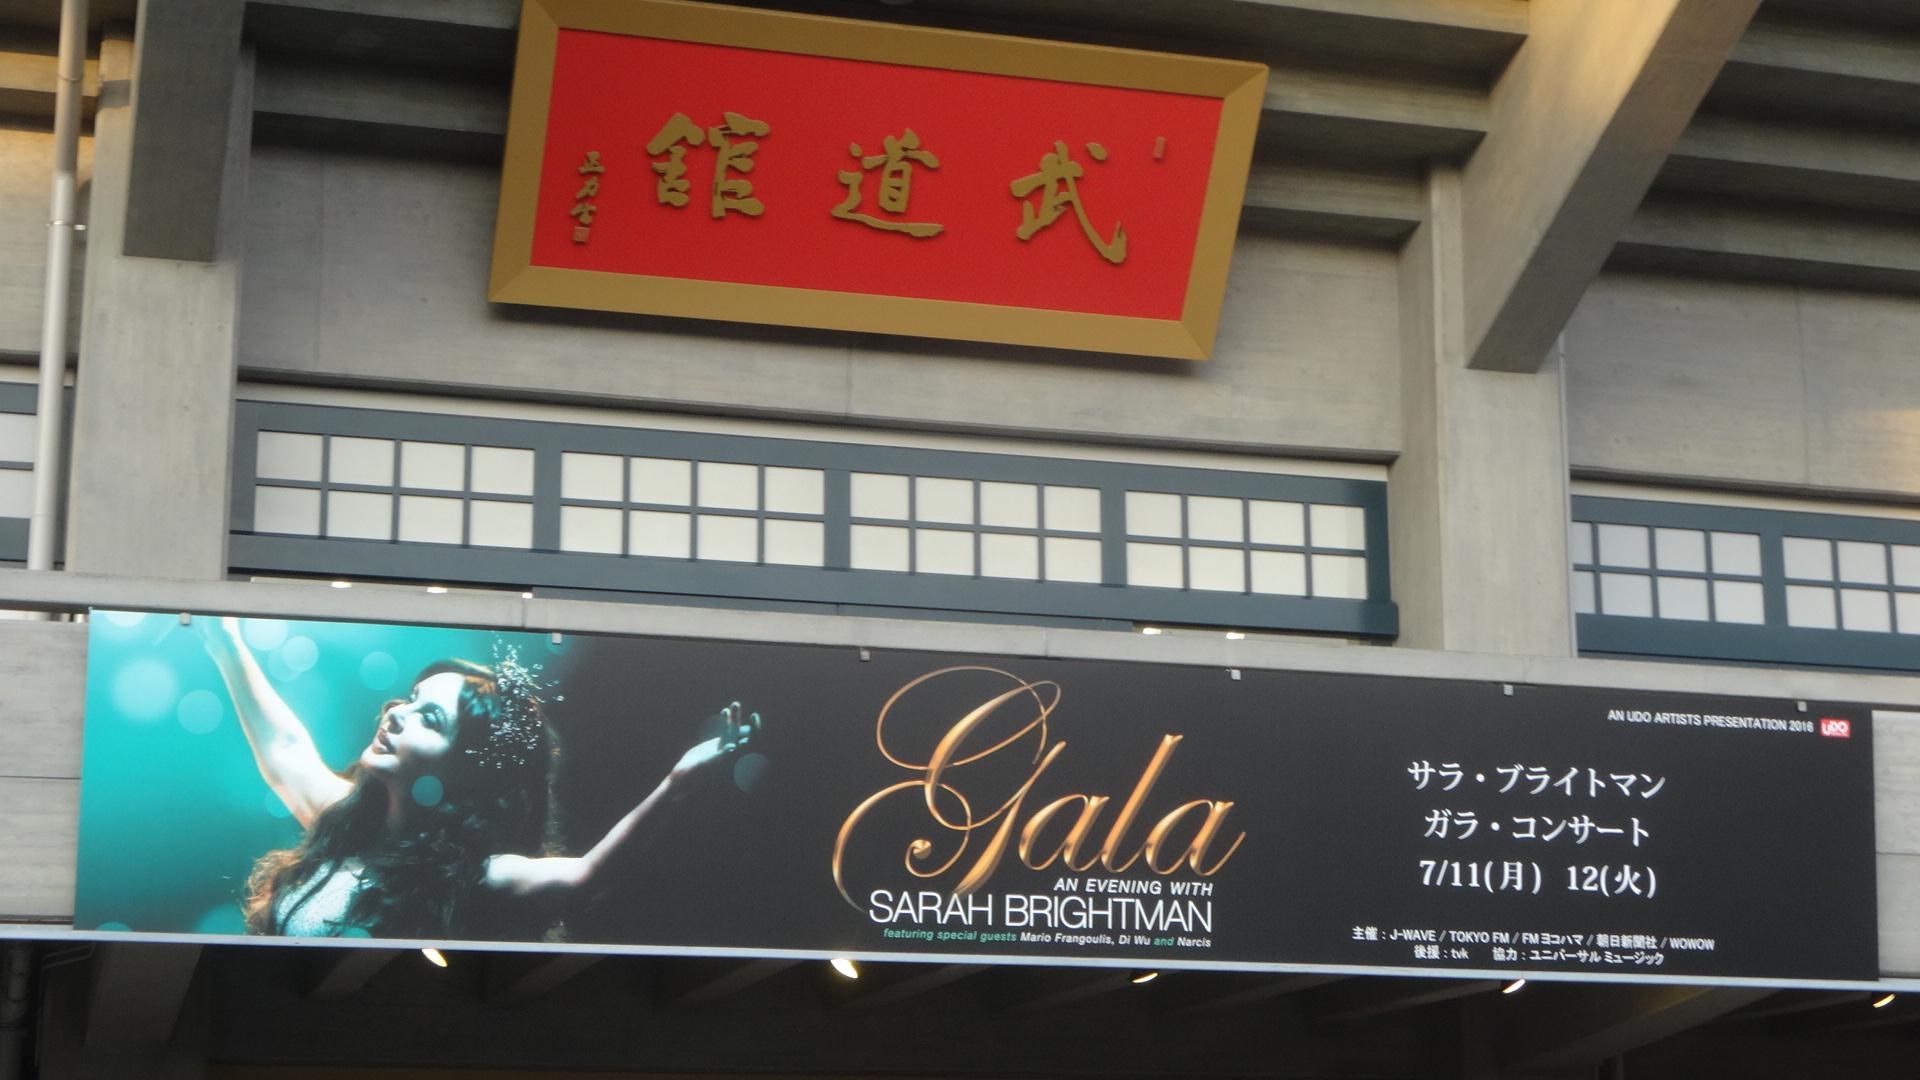 武道館の正面入口に掲げられたサラ・ブライトマン 日本ツアーの看板